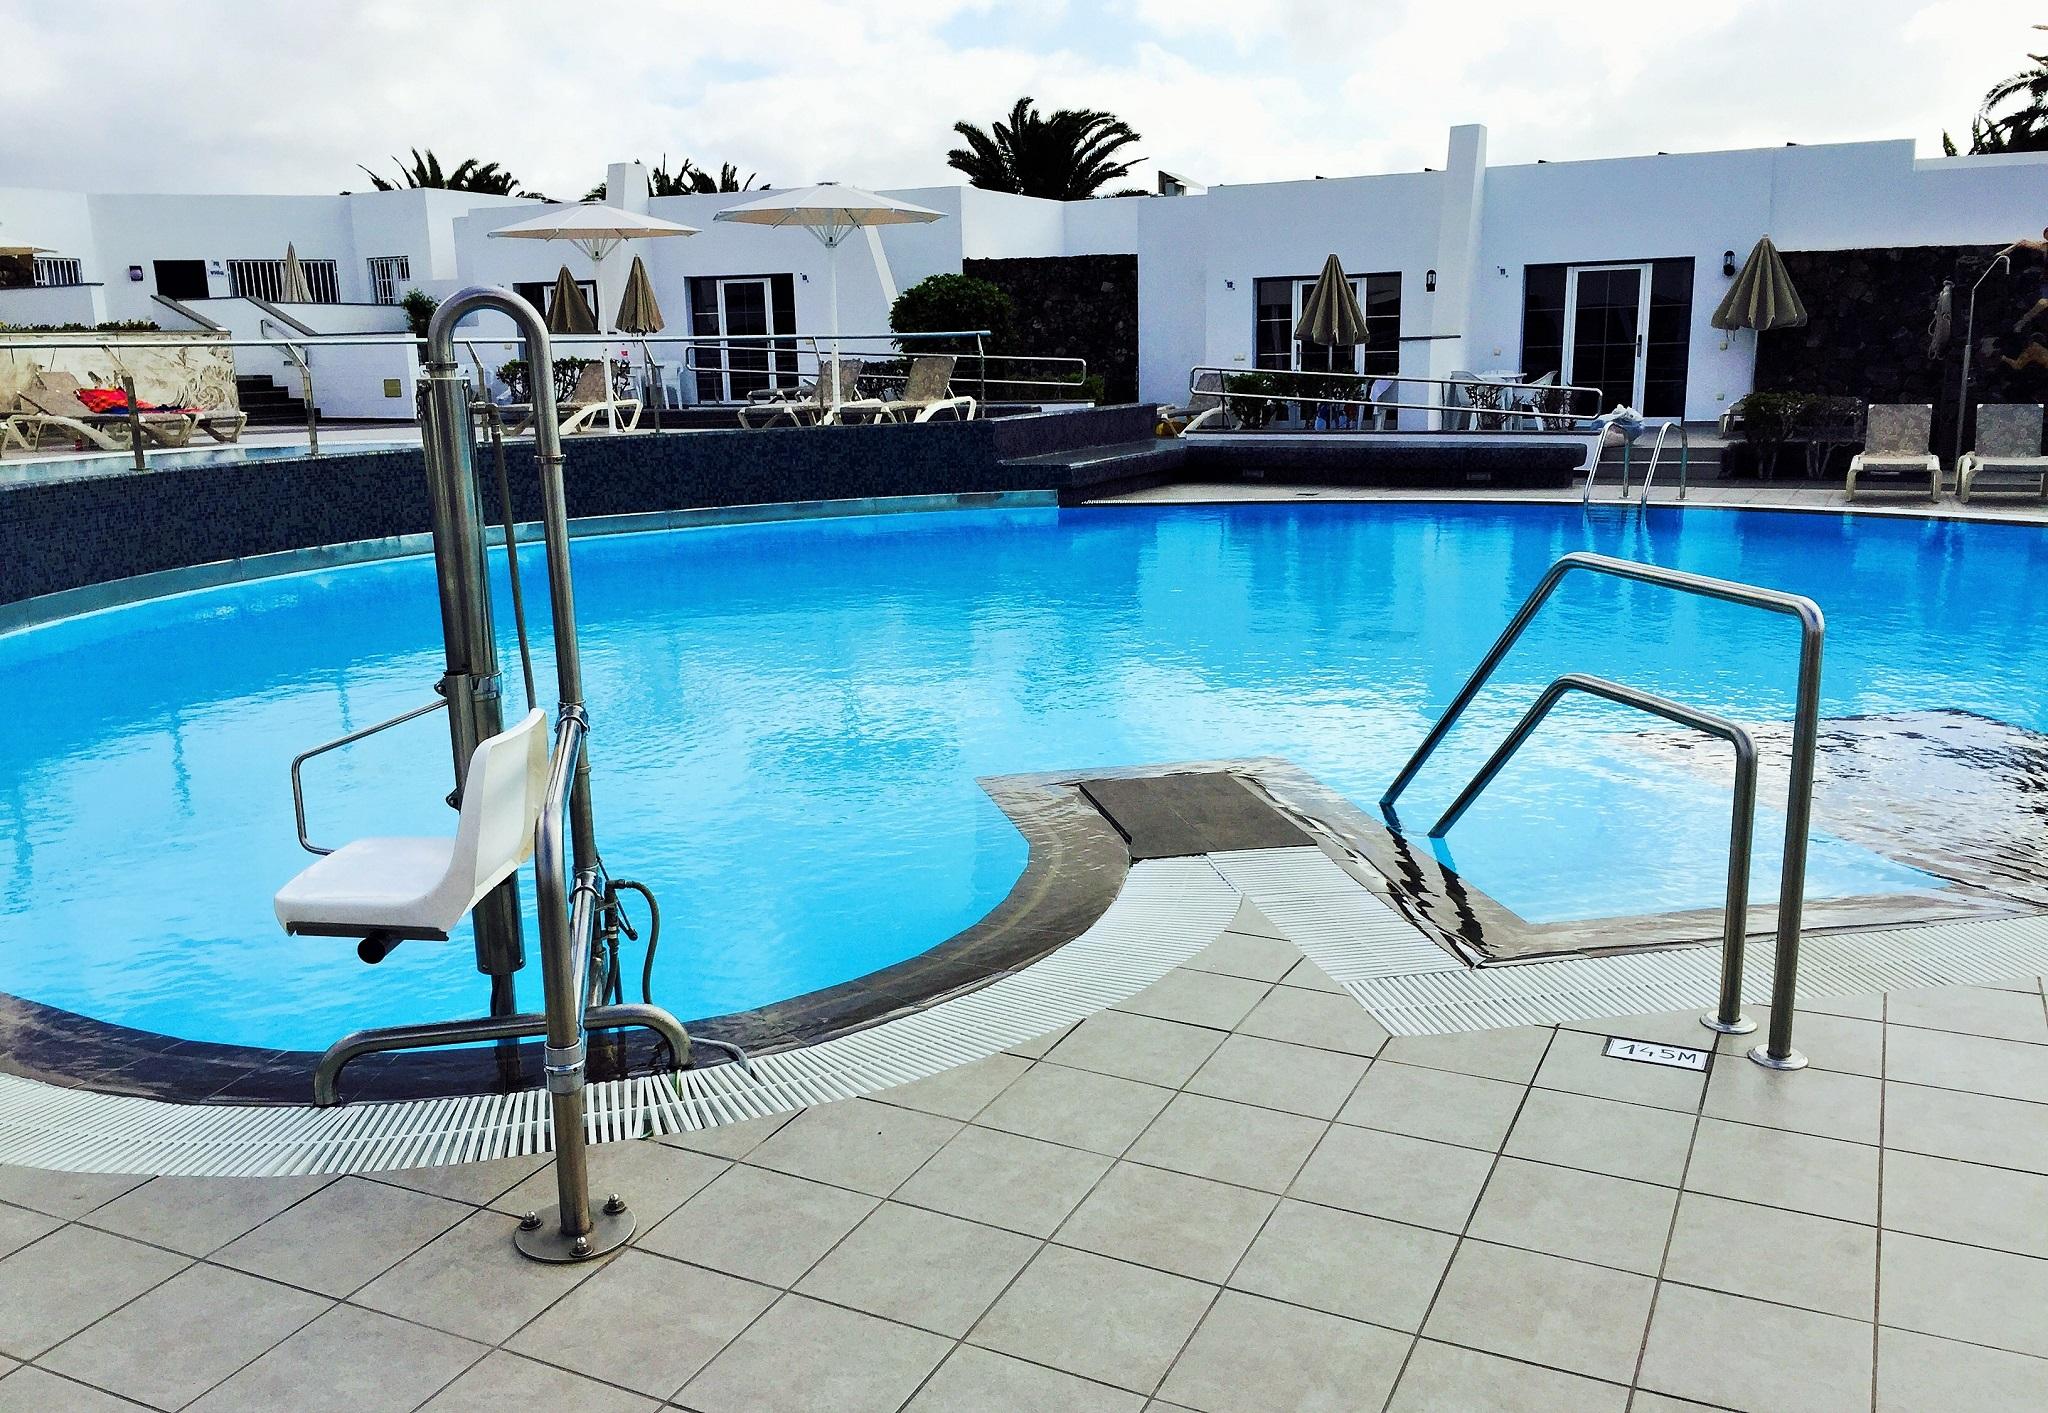 Acceso piscina adaptado para todos